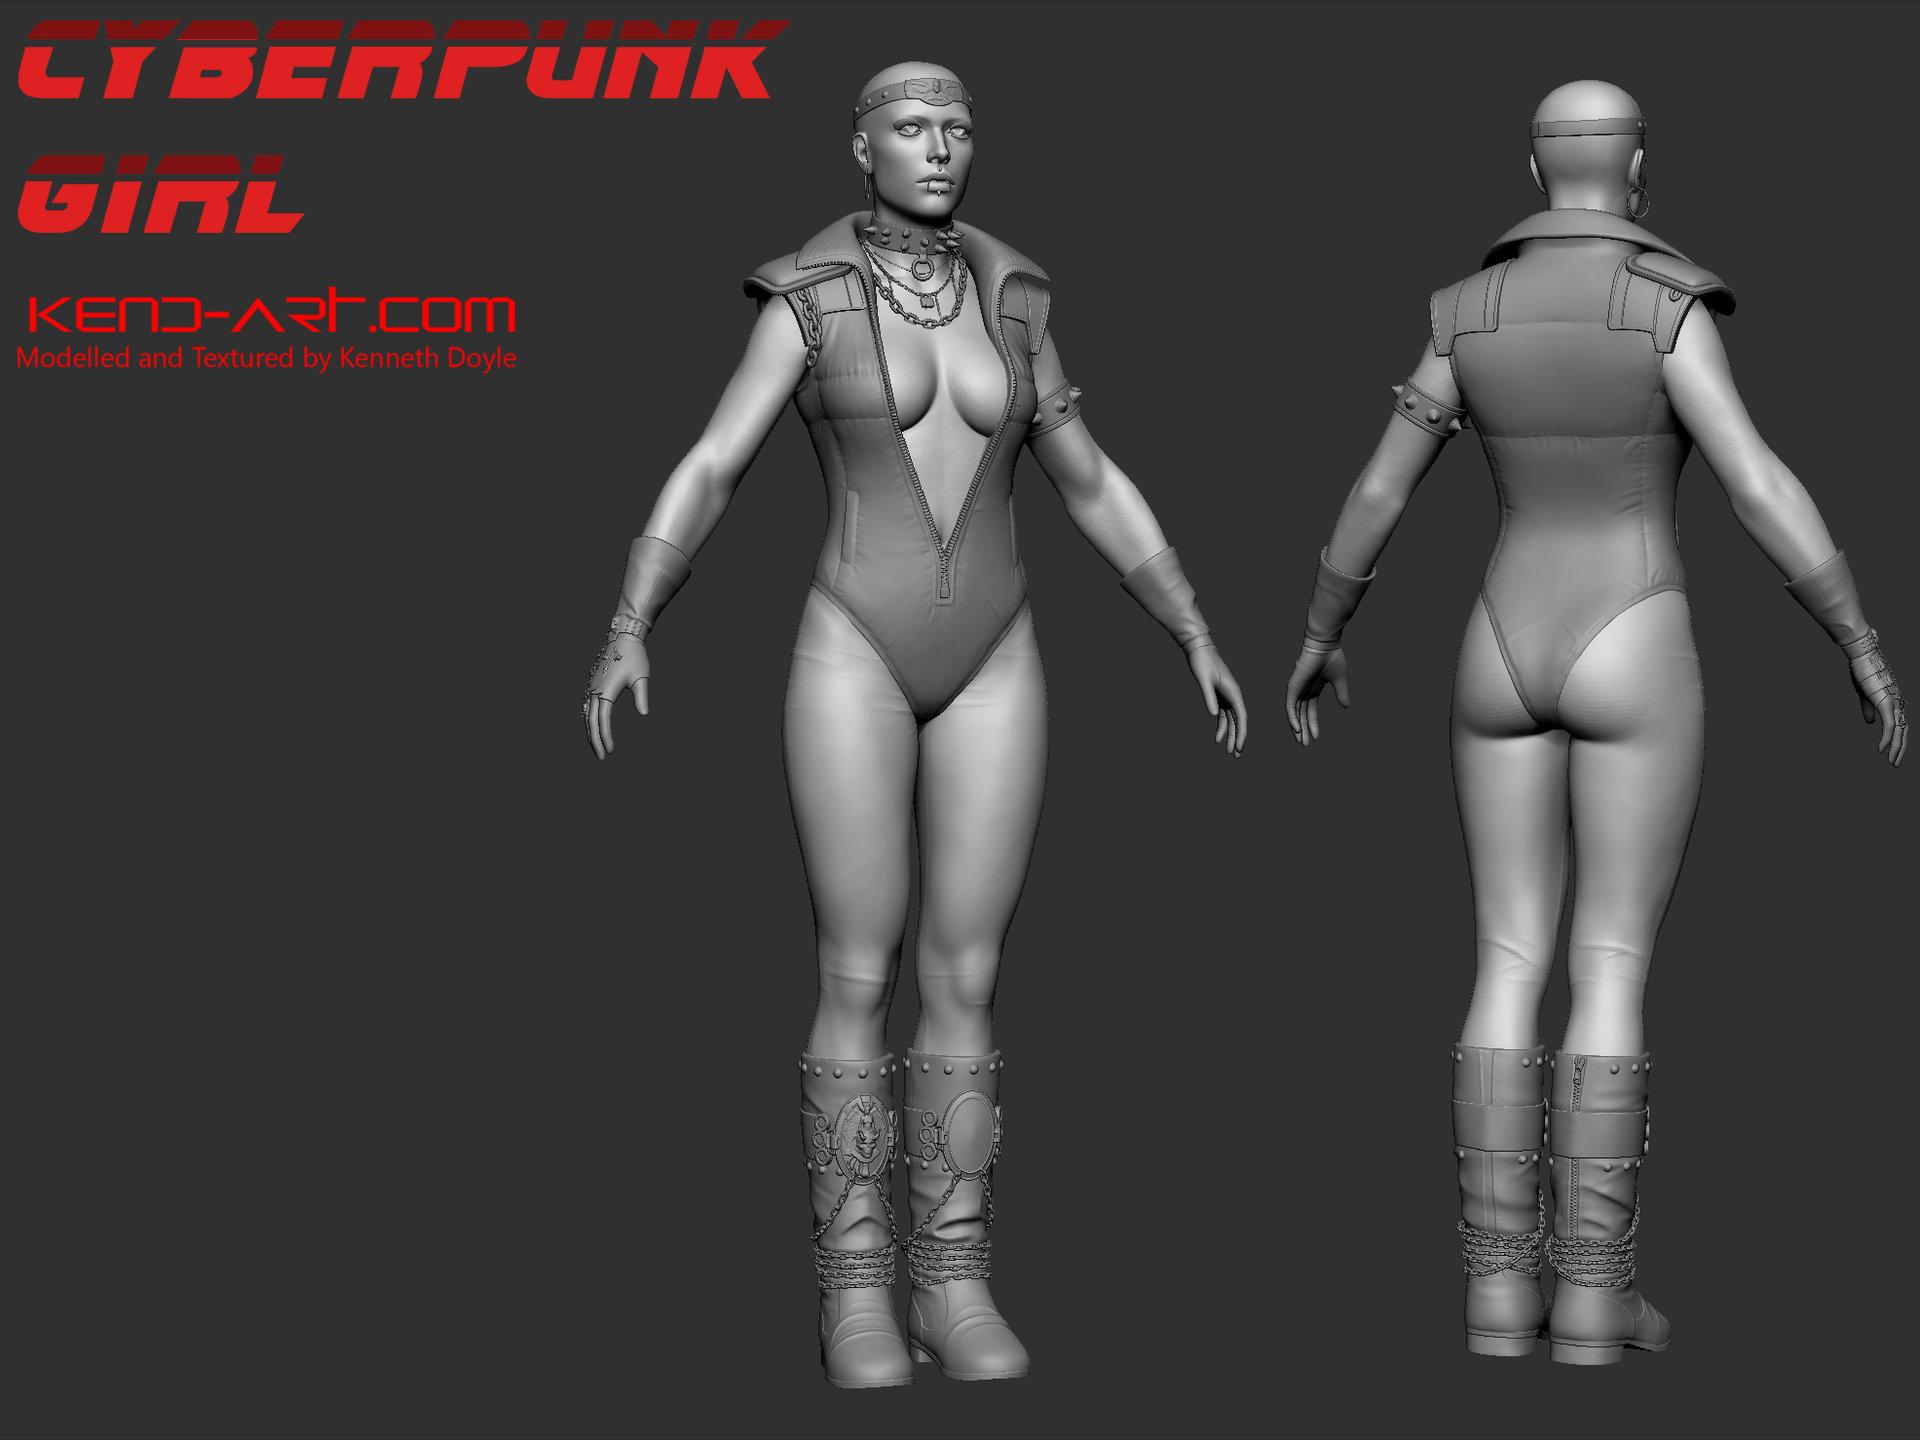 Kenneth doyle cyberpunk5